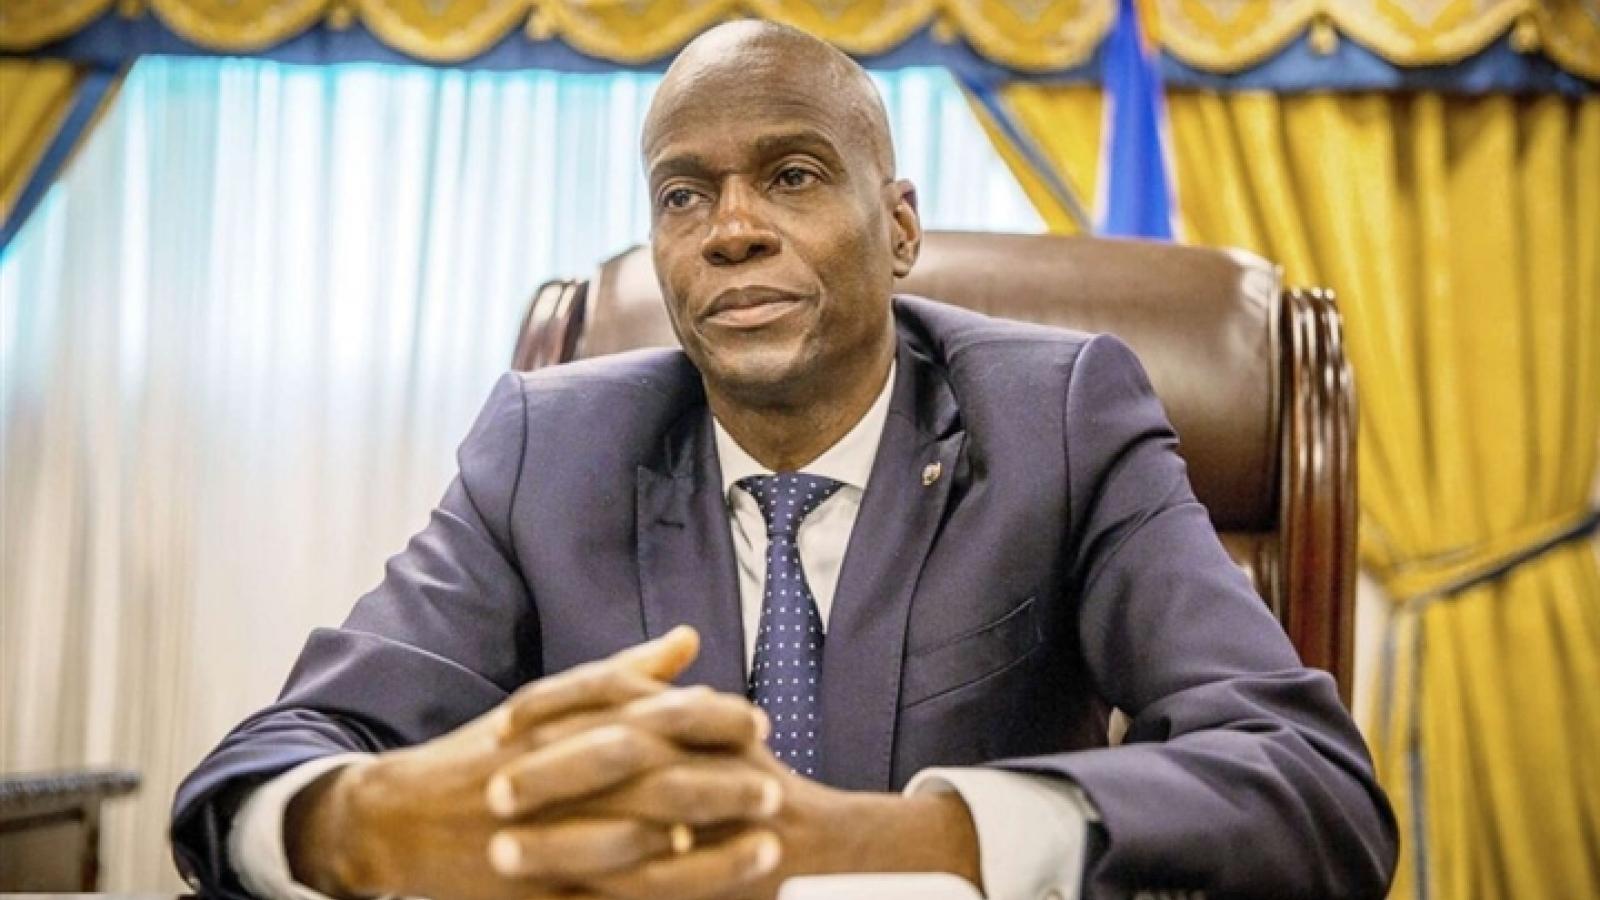 Cảnh sát truy lùng thêm các nghi phạm trong vụ ám sát Tổng thống Haiti